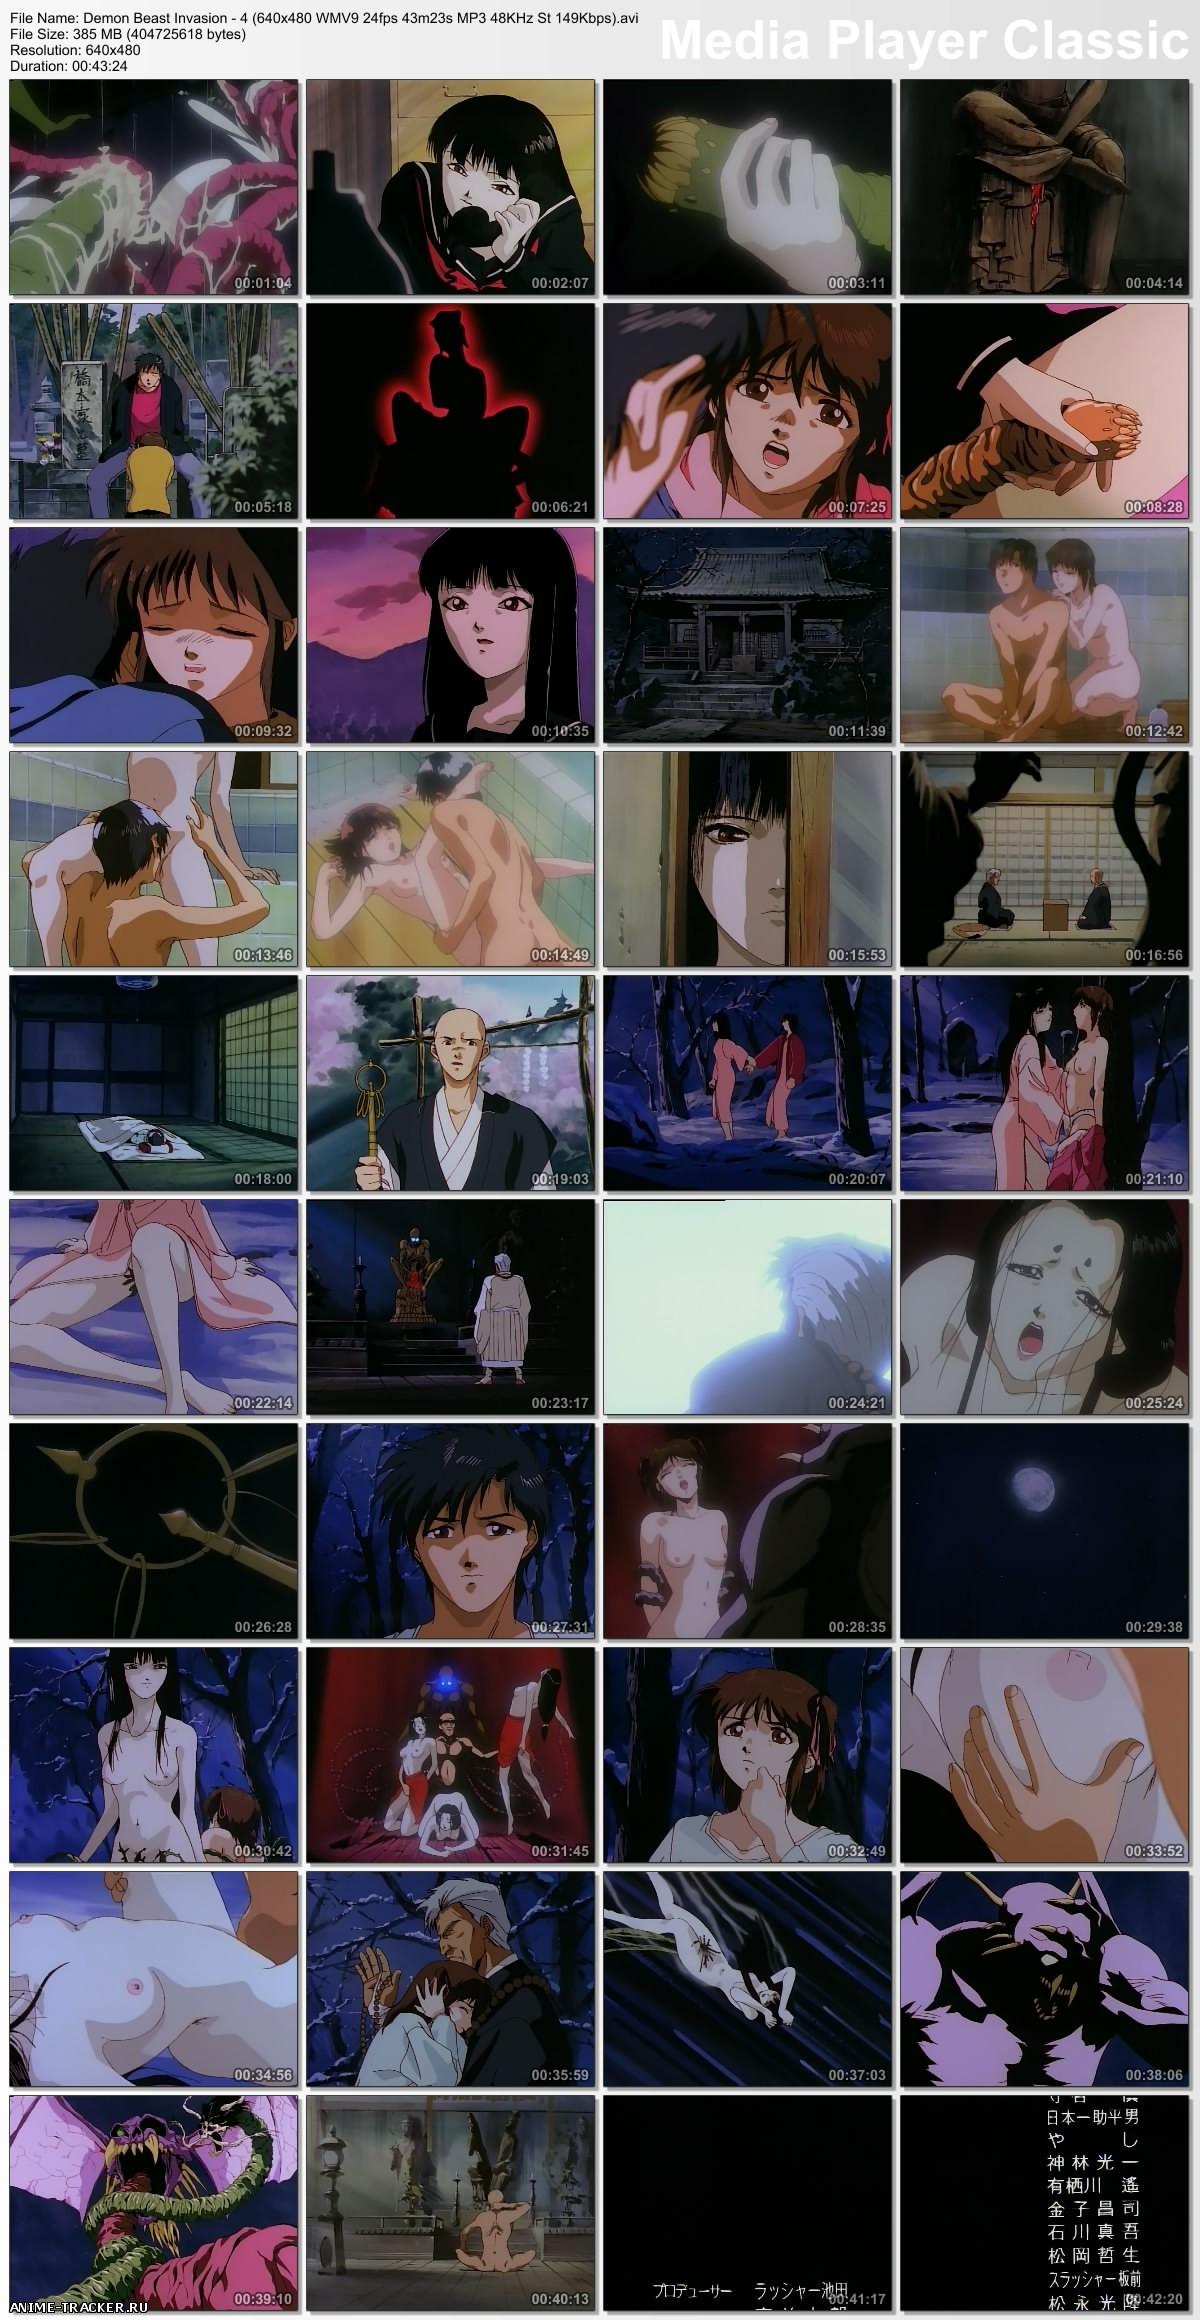 Demon Beast Invasion / Yoju Kyoshitsu Gakuen / Вторжение Демонозверя [ 6 из 6 ] [JPN,ENG,RUS] Anime Hentai